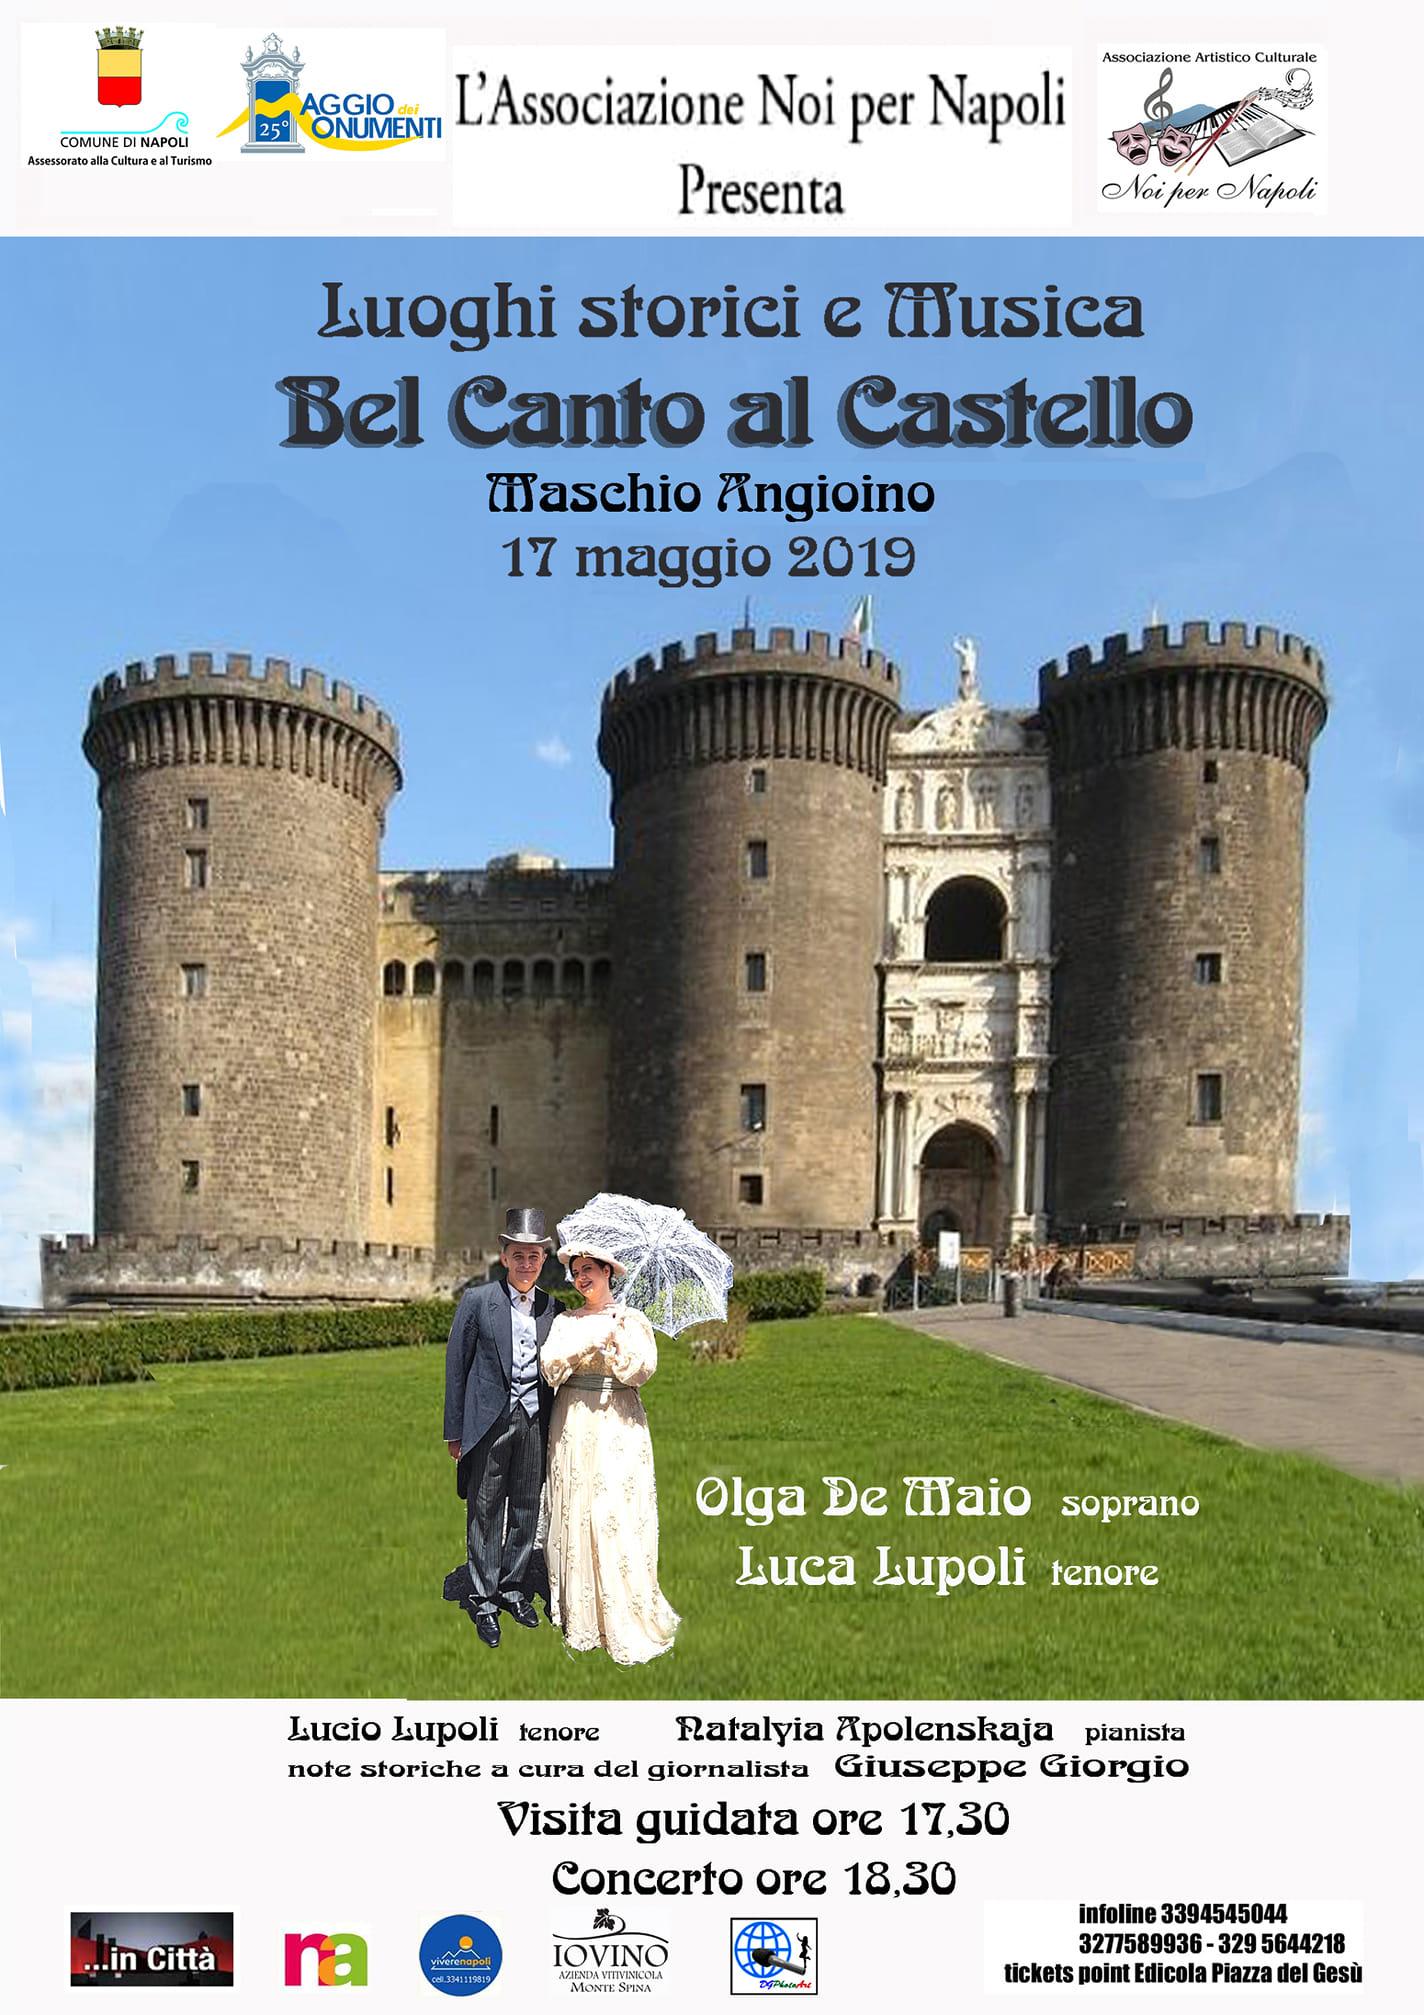 Bel Canto al Castello